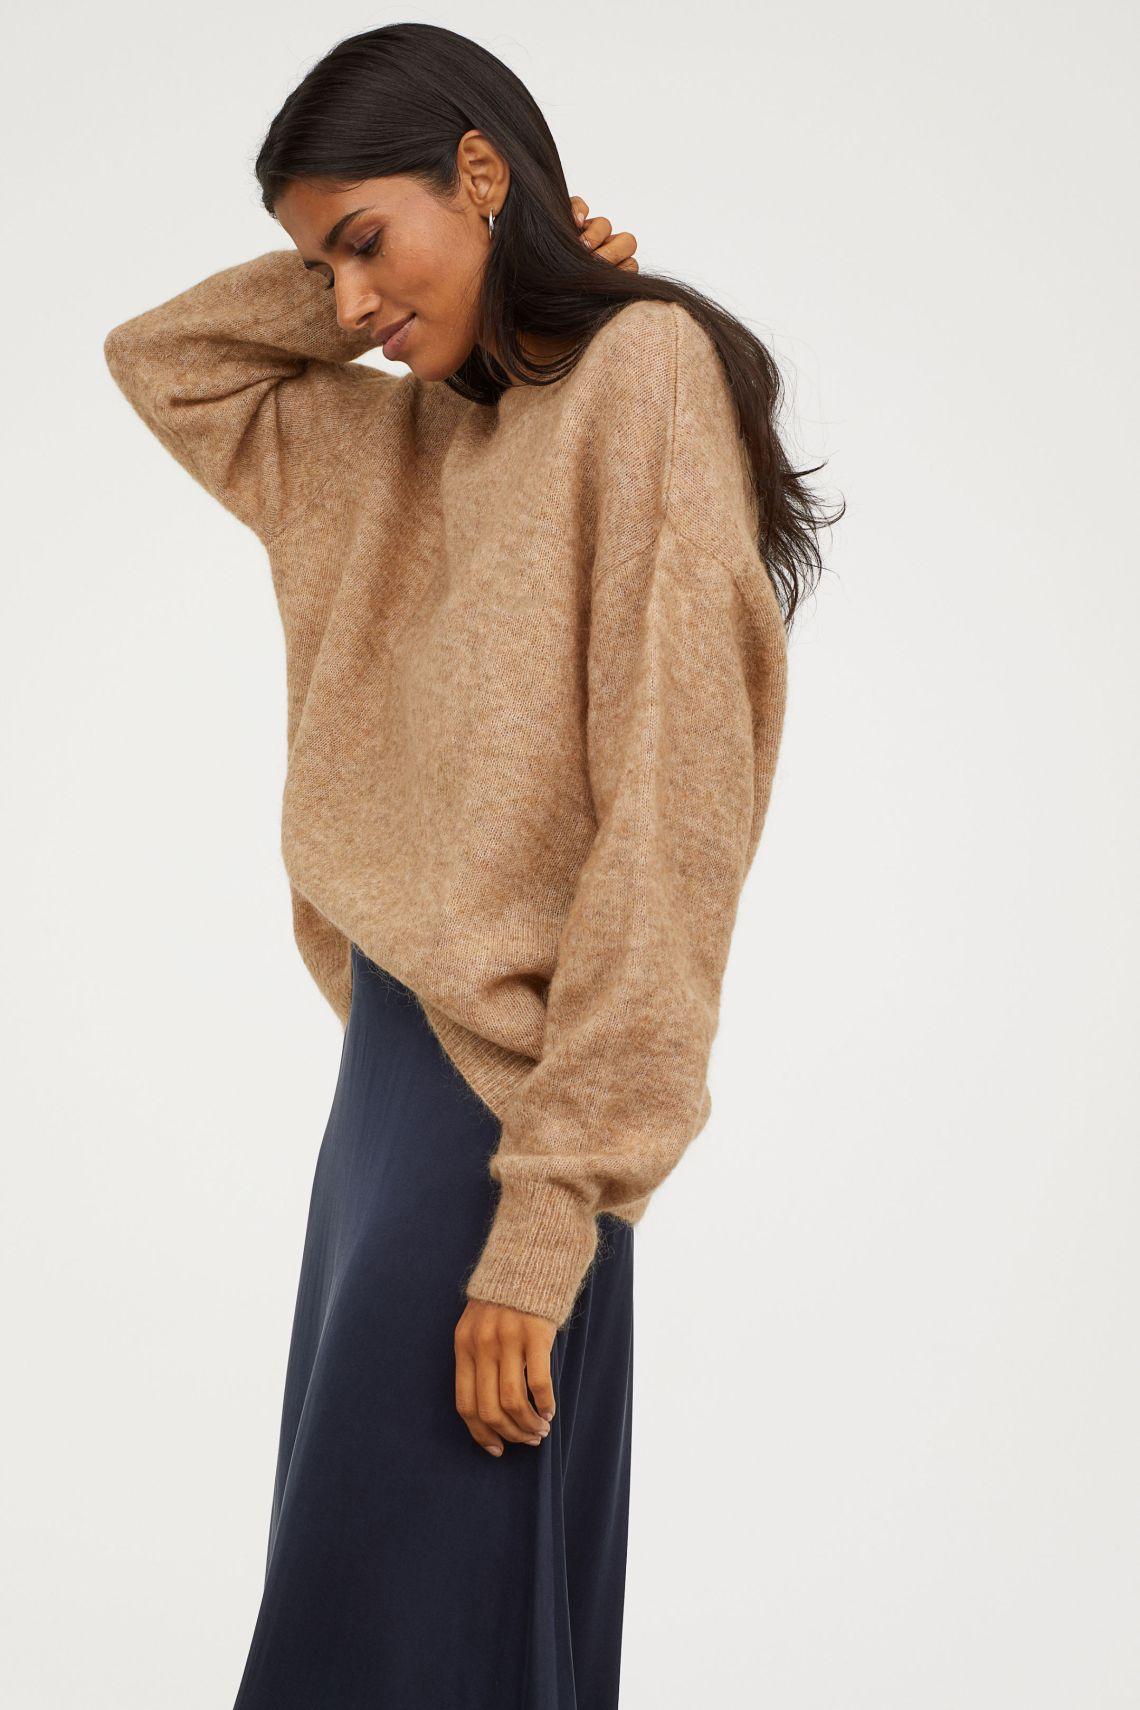 H+M Mohair Blend Sweater